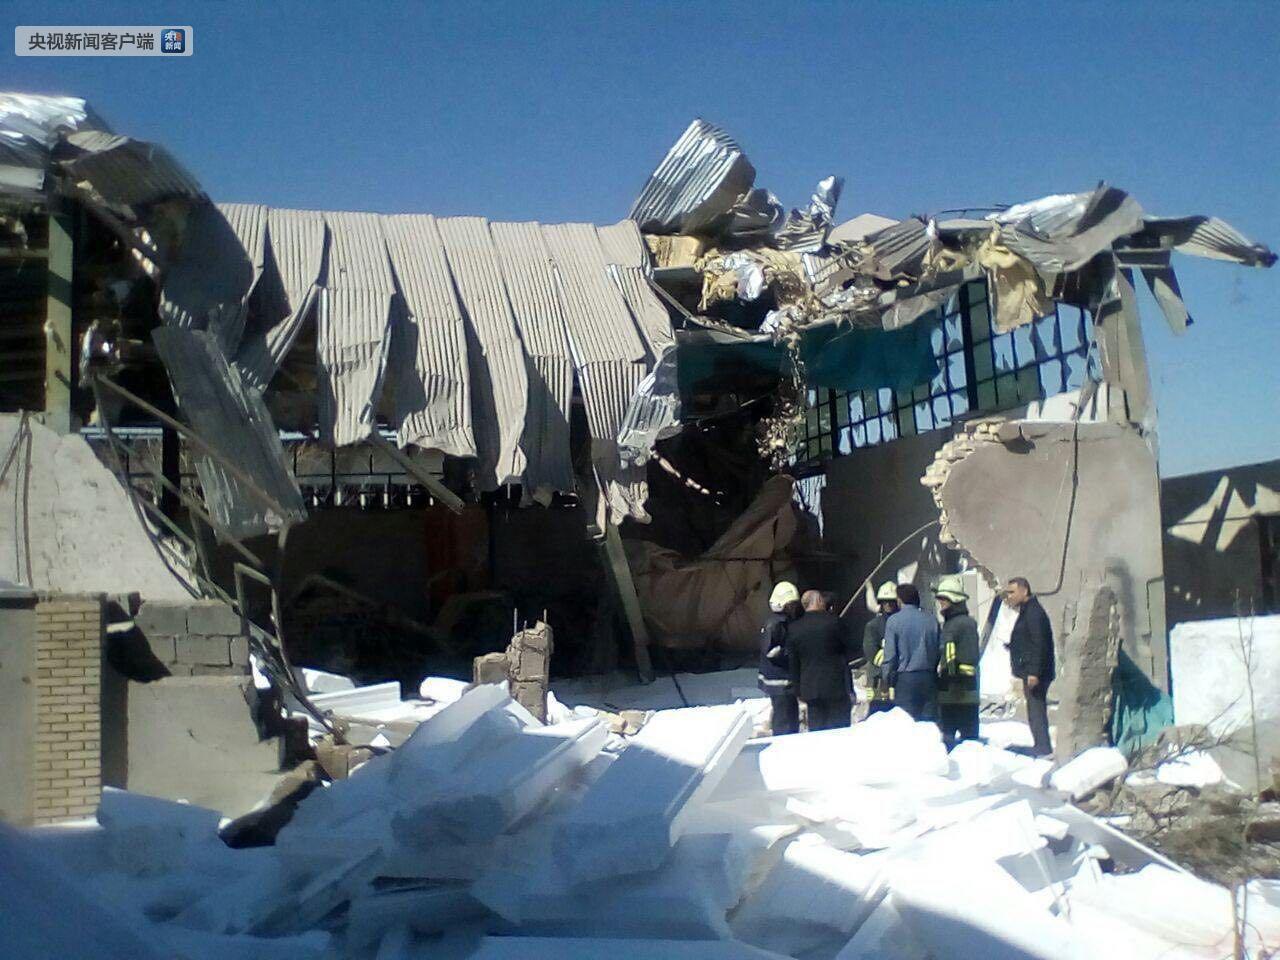 伊朗南部一工业区发生爆炸 致2死5伤